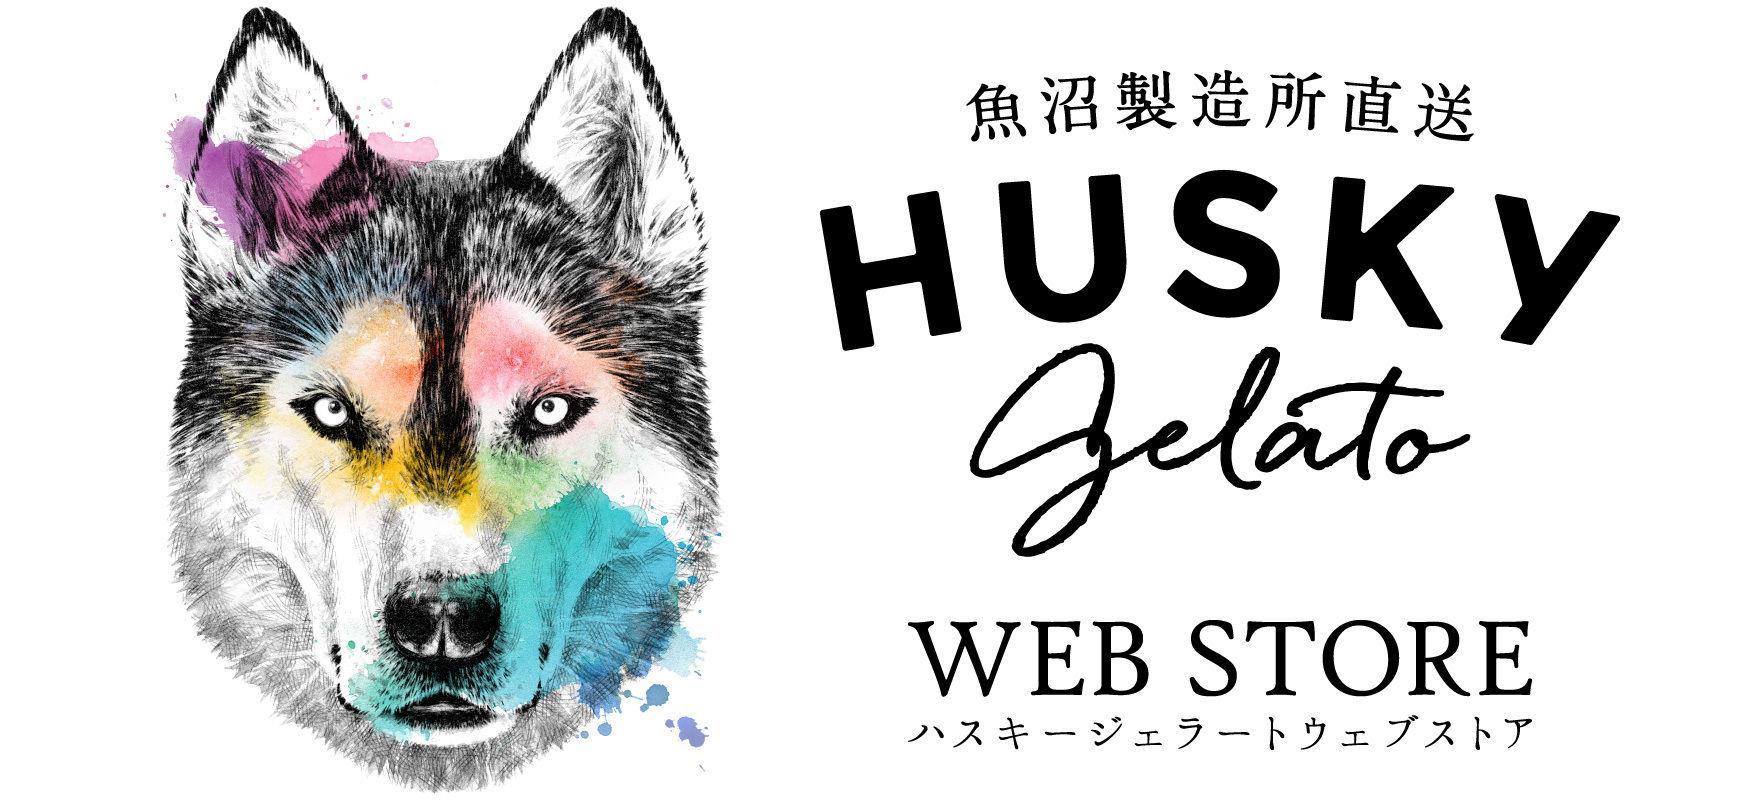 HUSKY GELATO WEB STORE